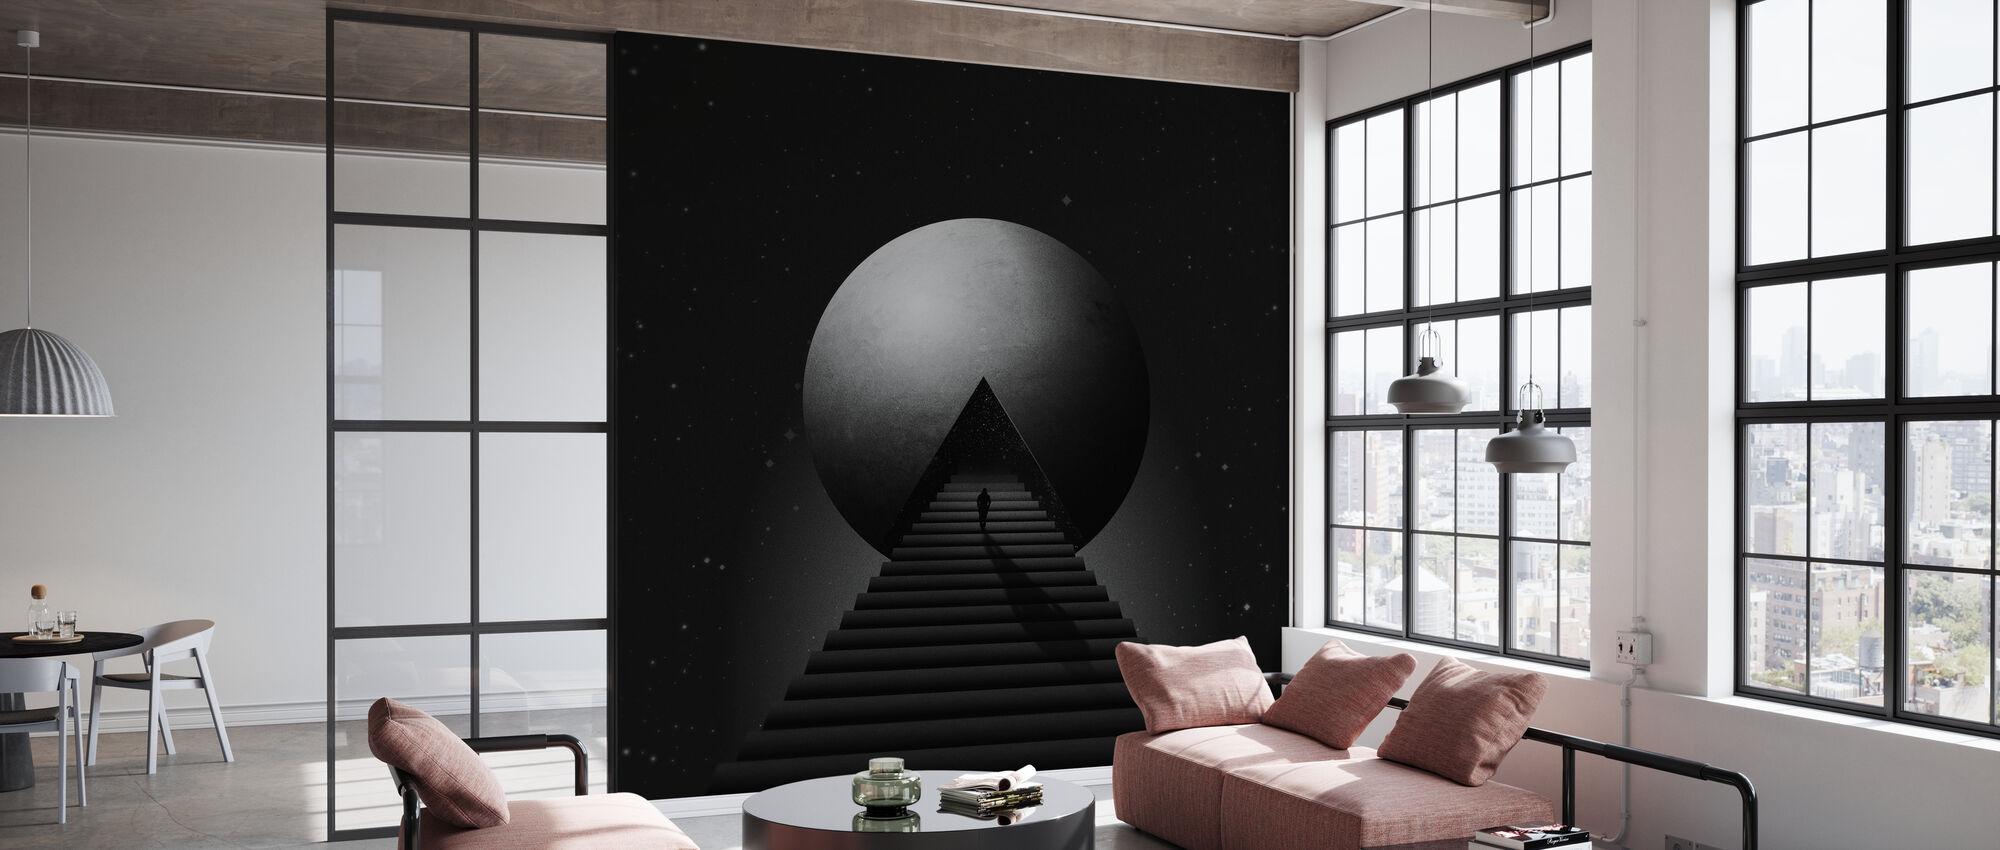 Farewell - Wallpaper - Office